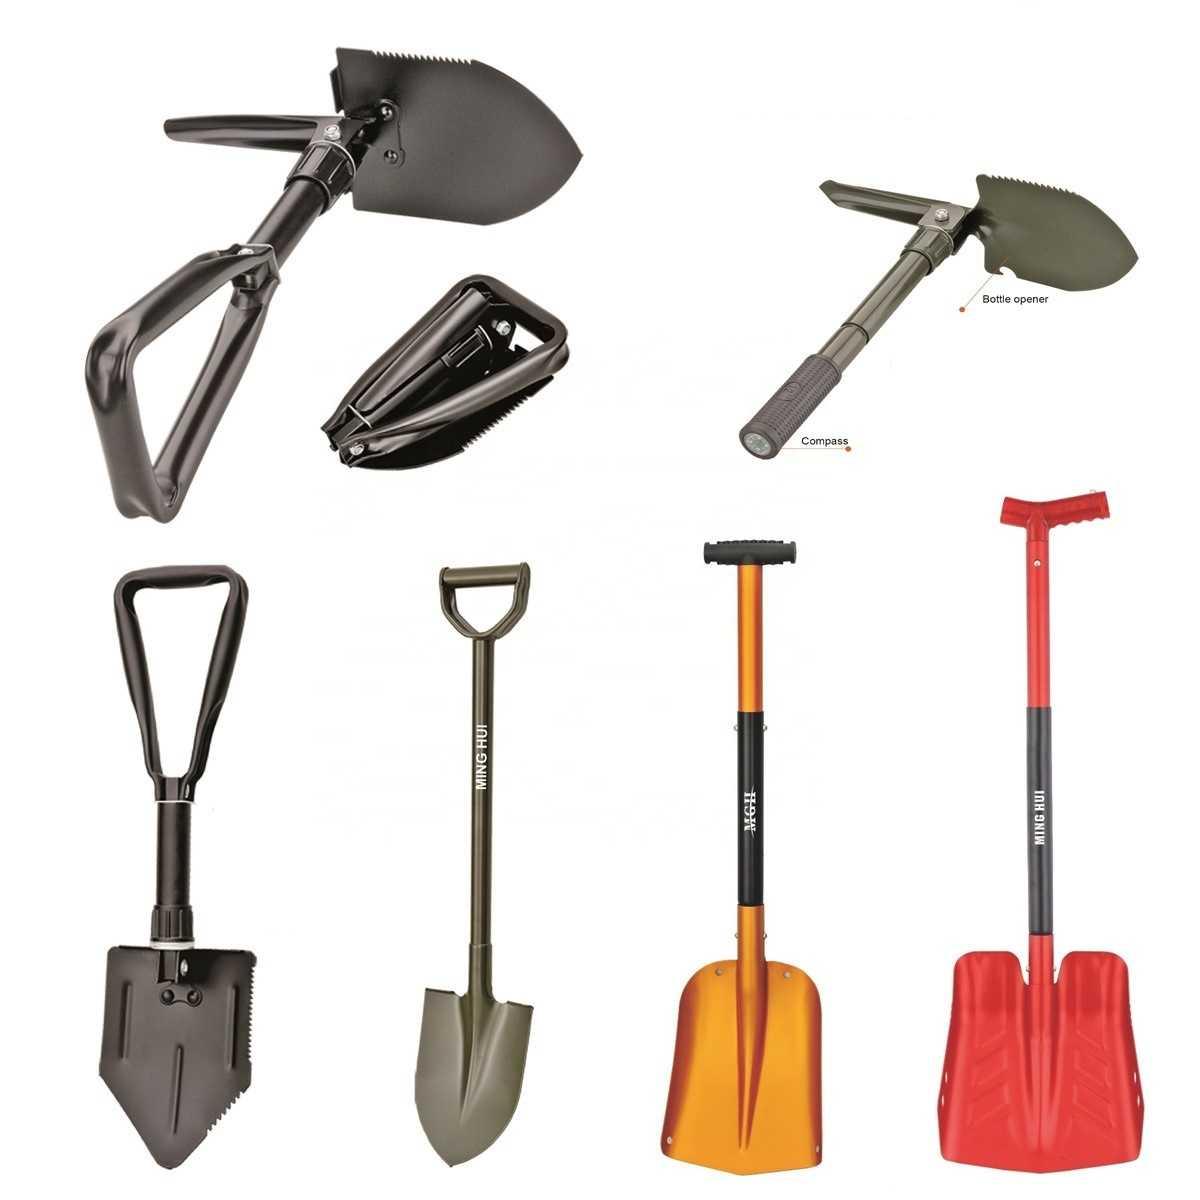 Особенности автомобильных лопат